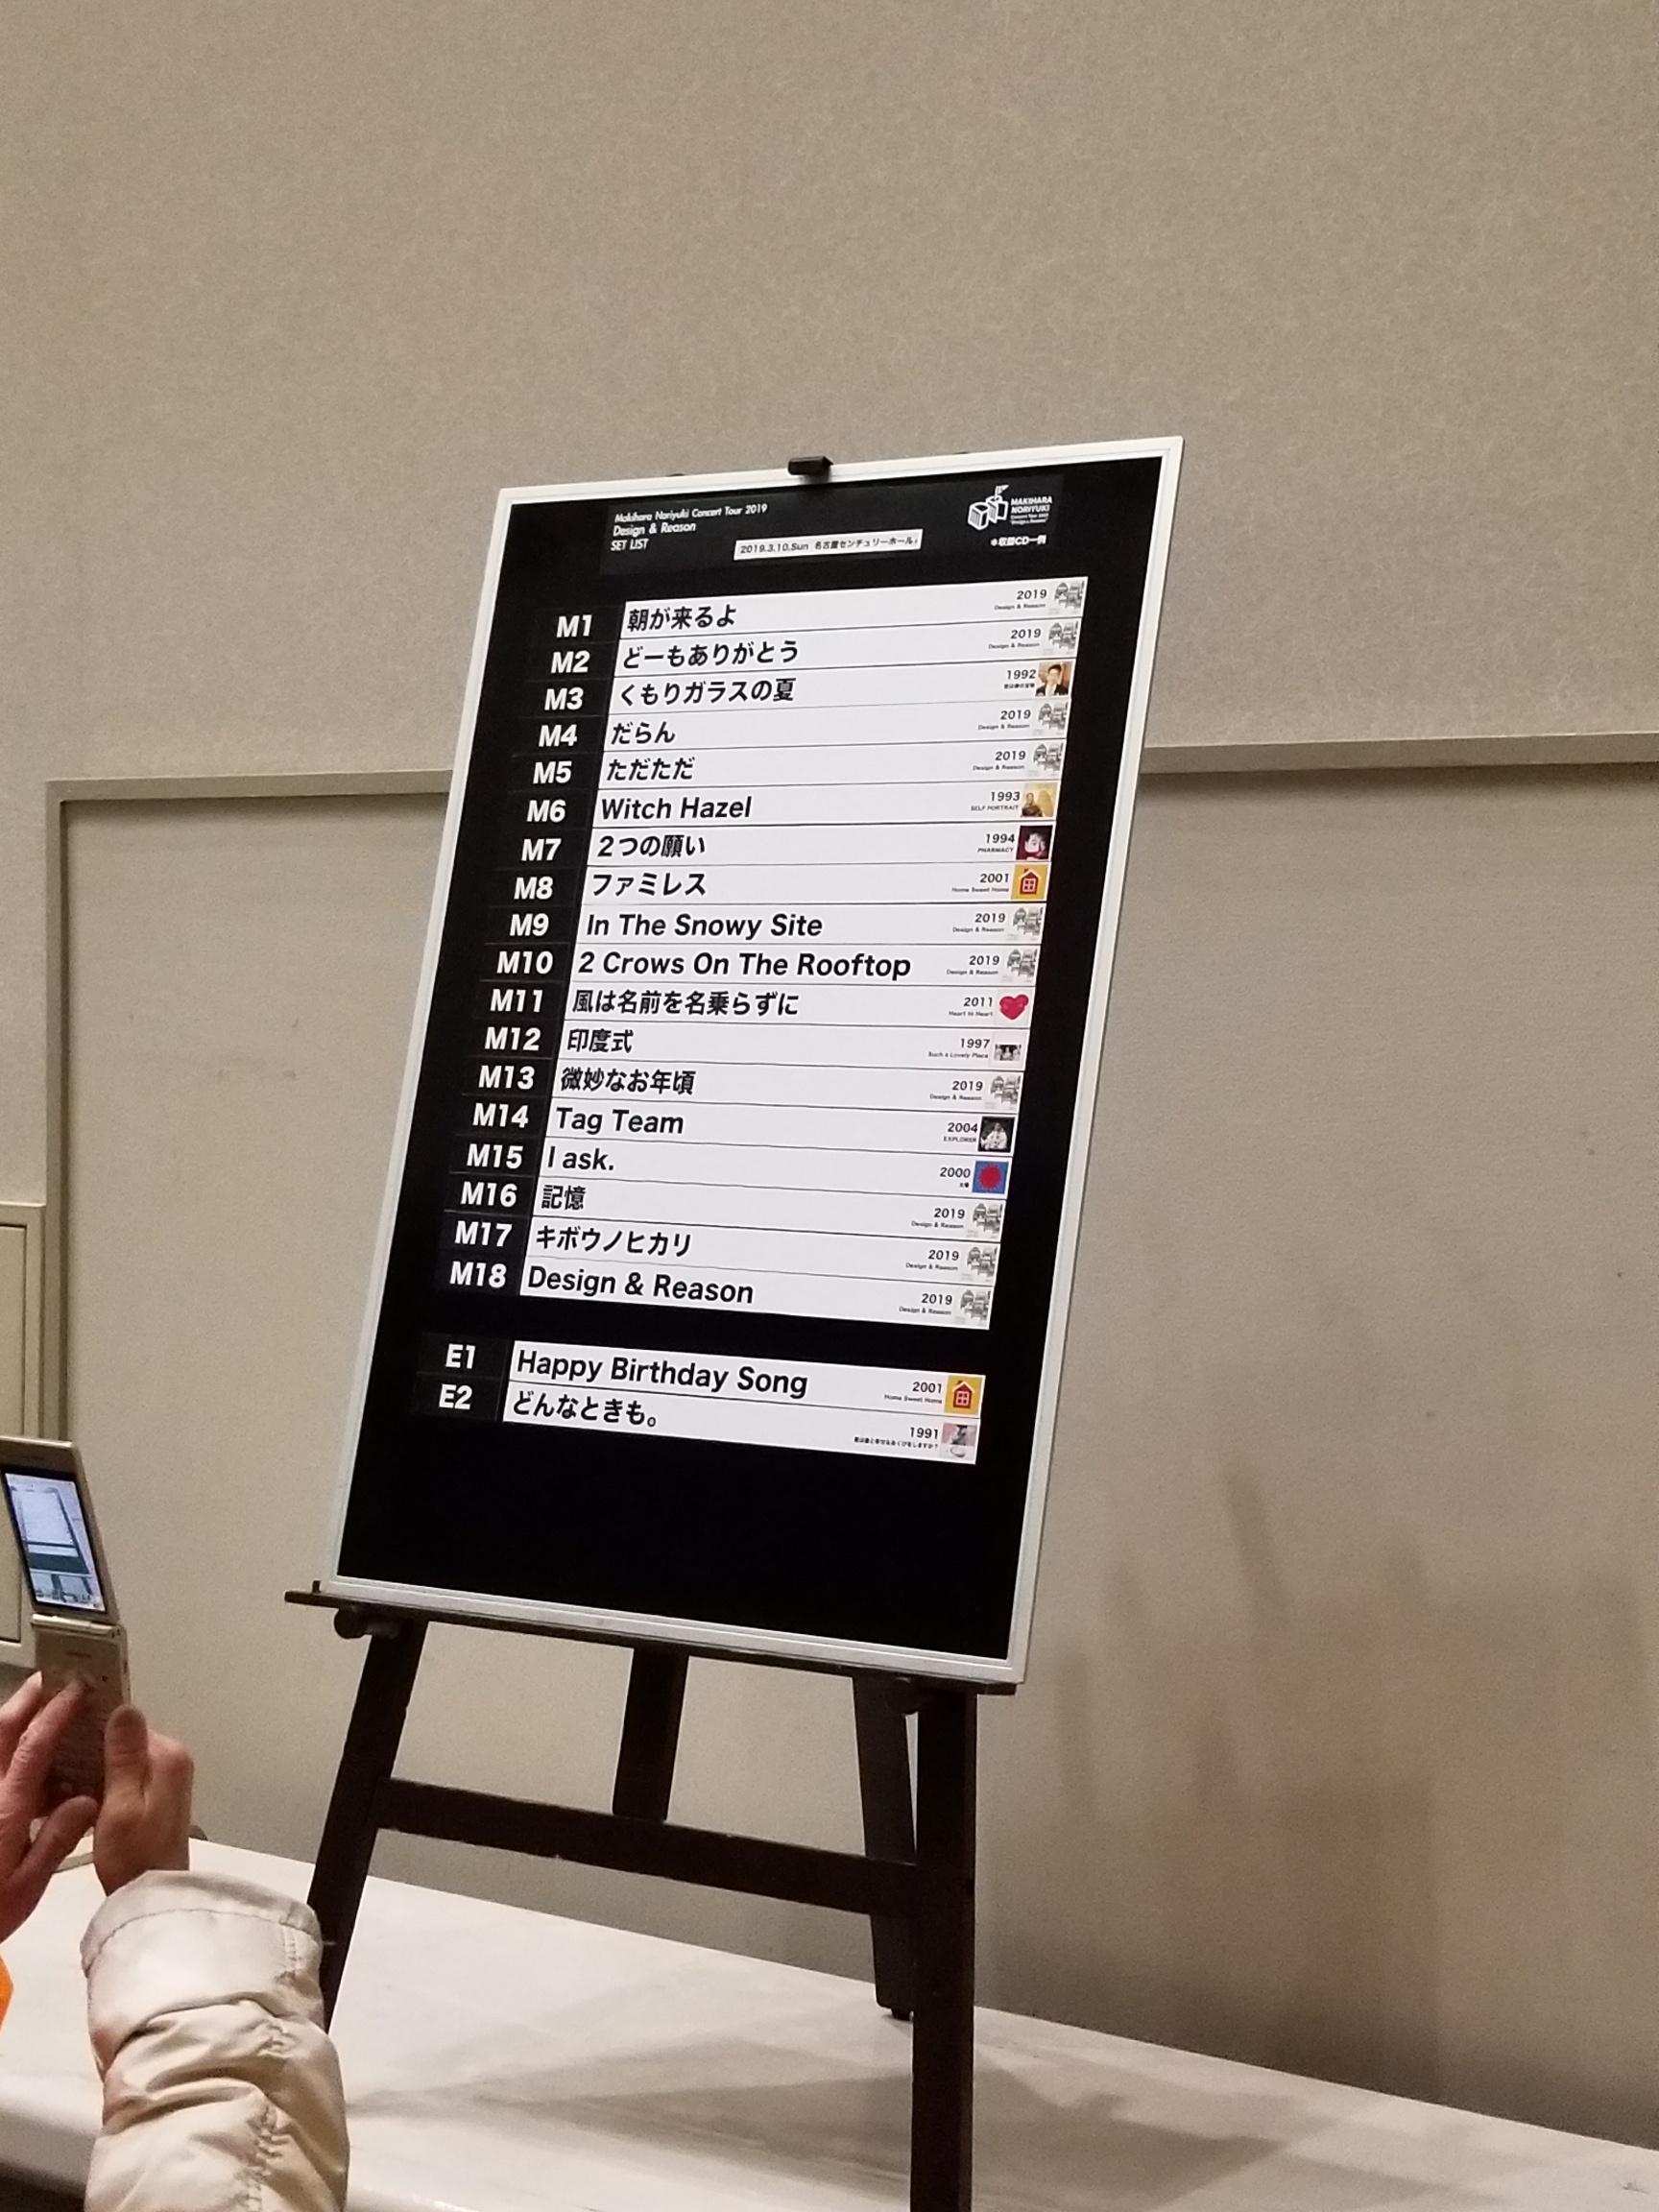 2019槇原ツアー名古屋公演セットリスト